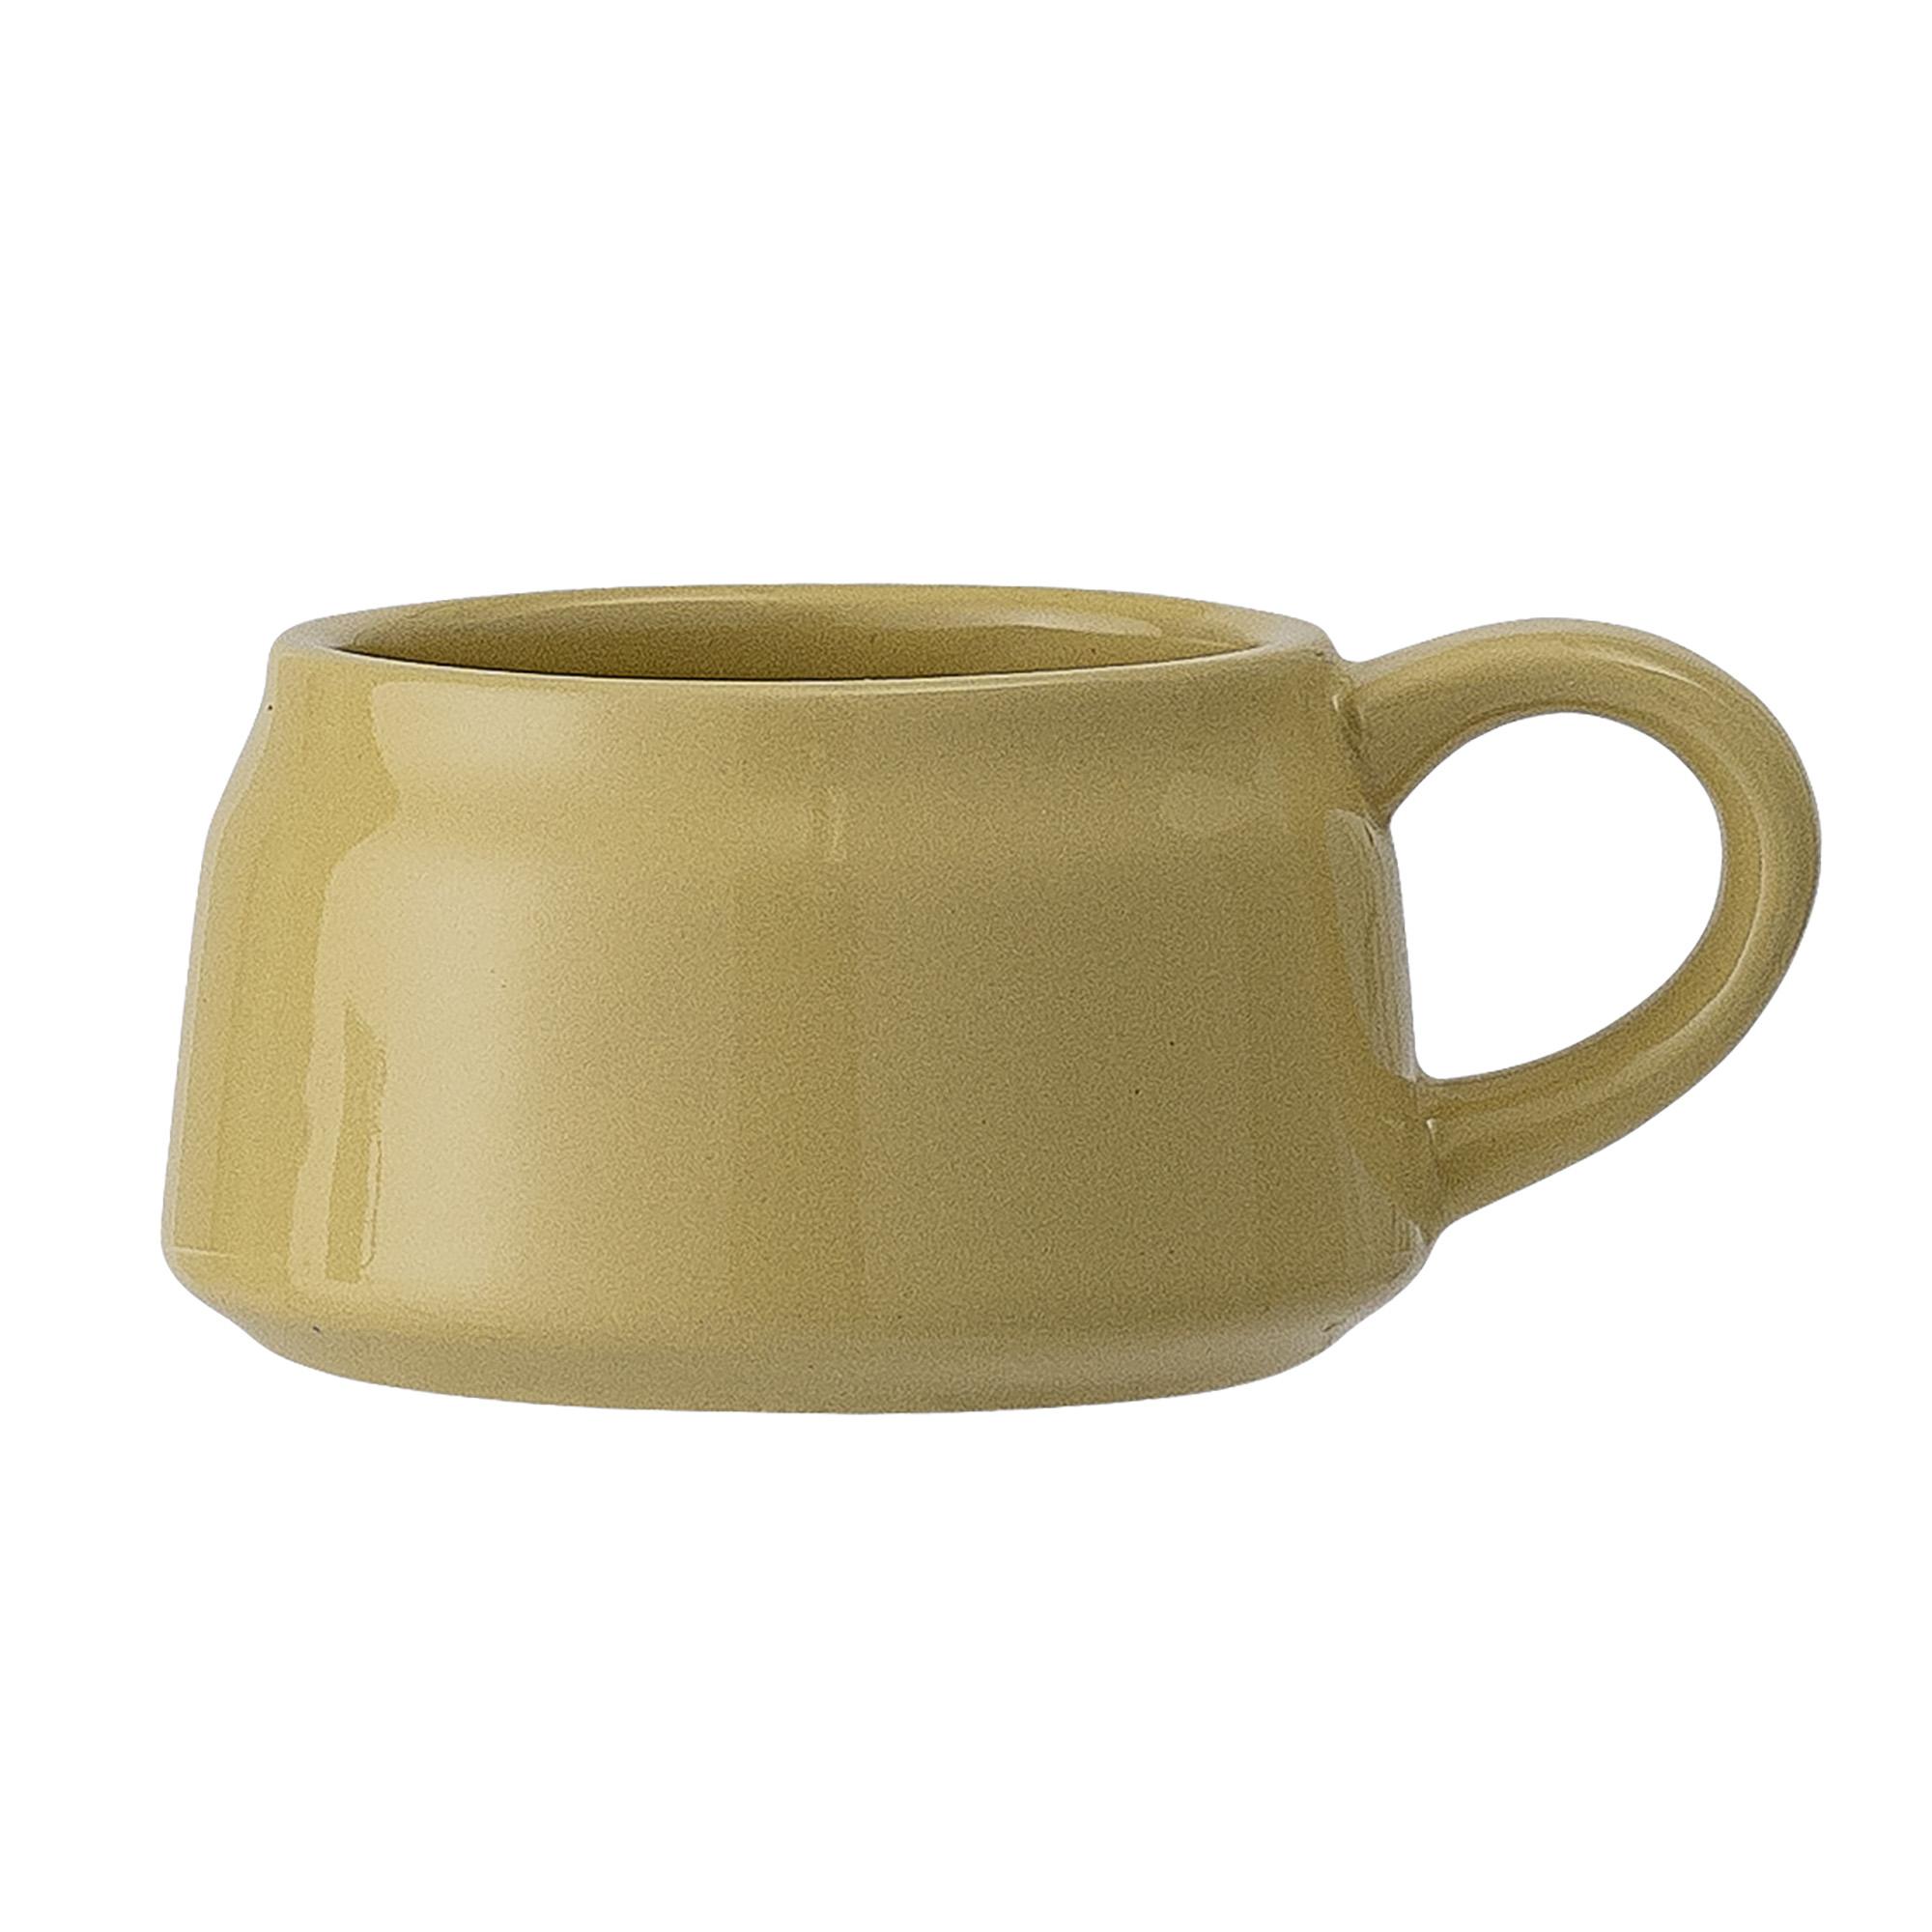 Espressotasse Susie Gelb Keramik Geschirr Bloomingville Lieblingsmarken Riva Onlineshop